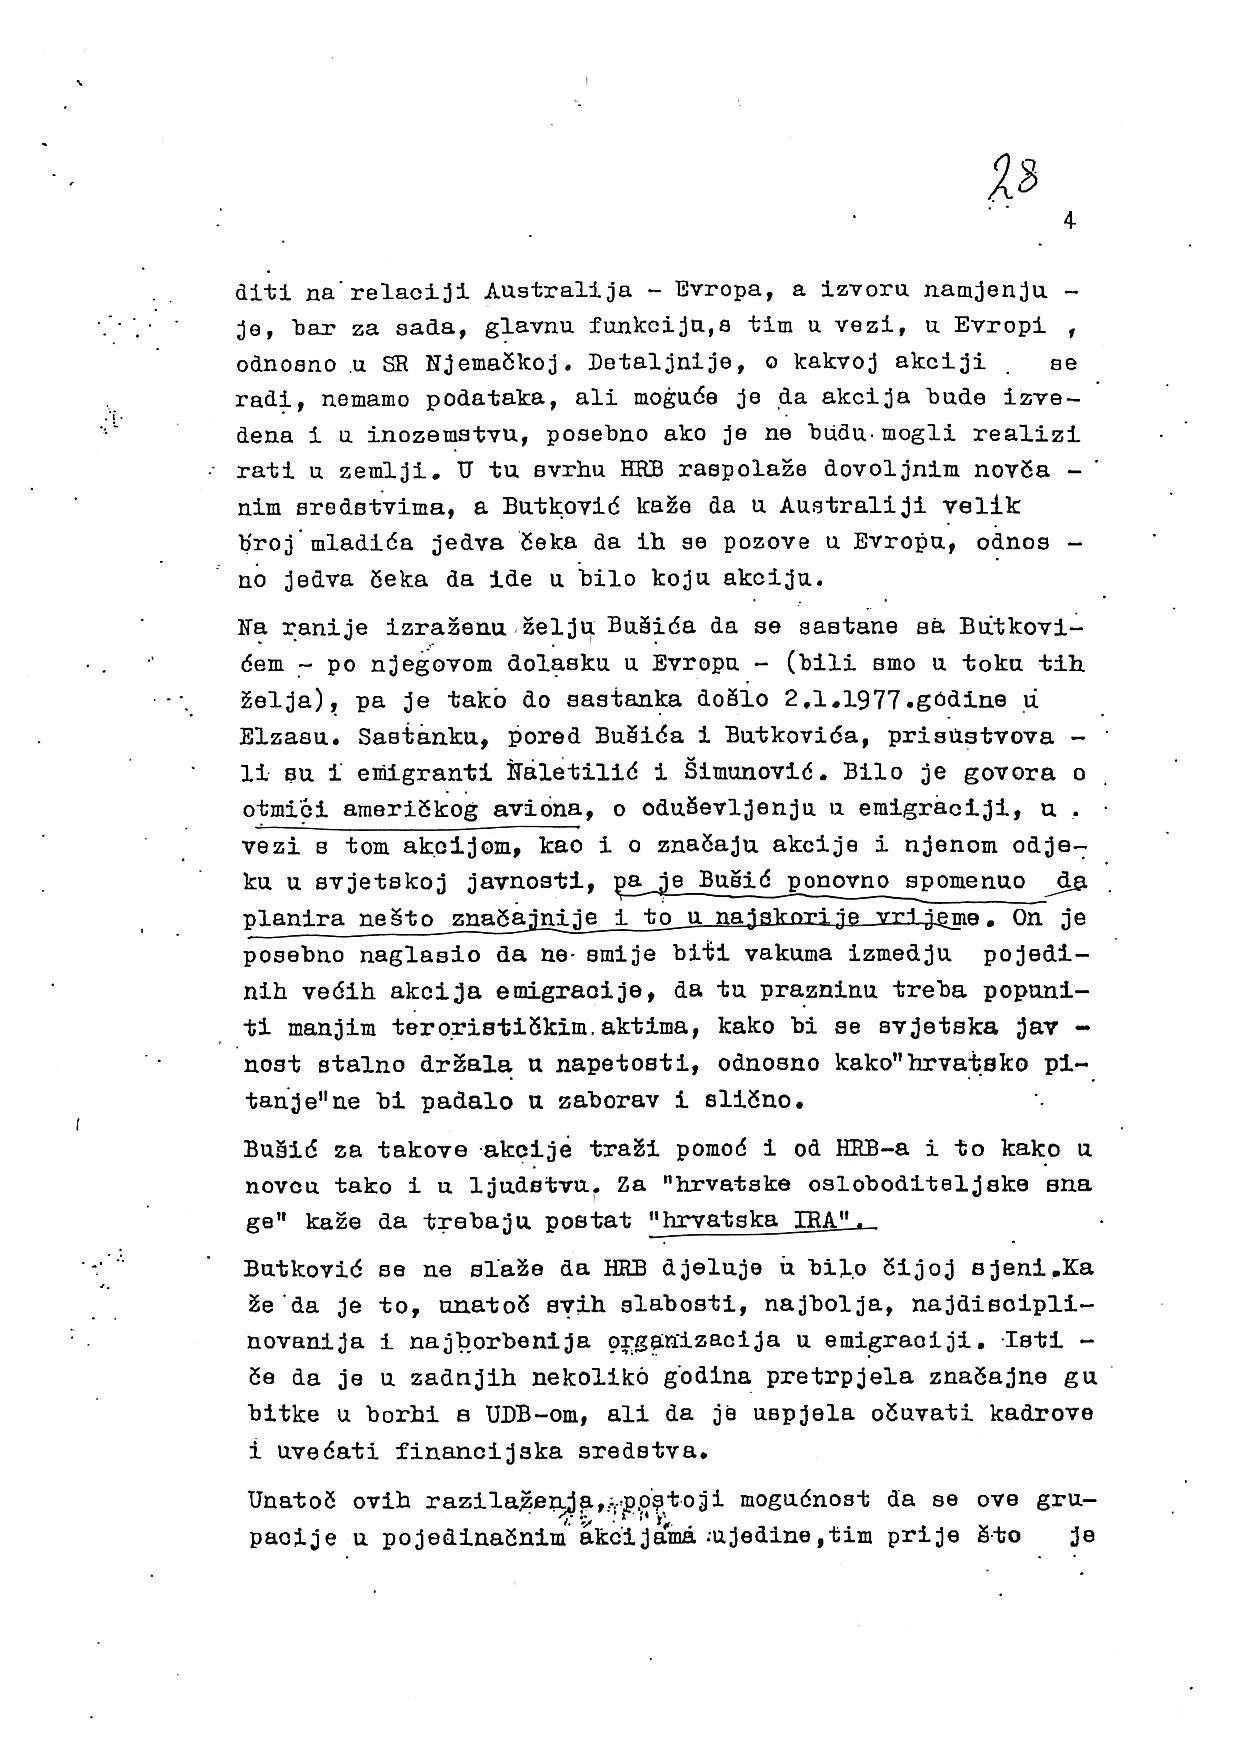 Četvrta stranica